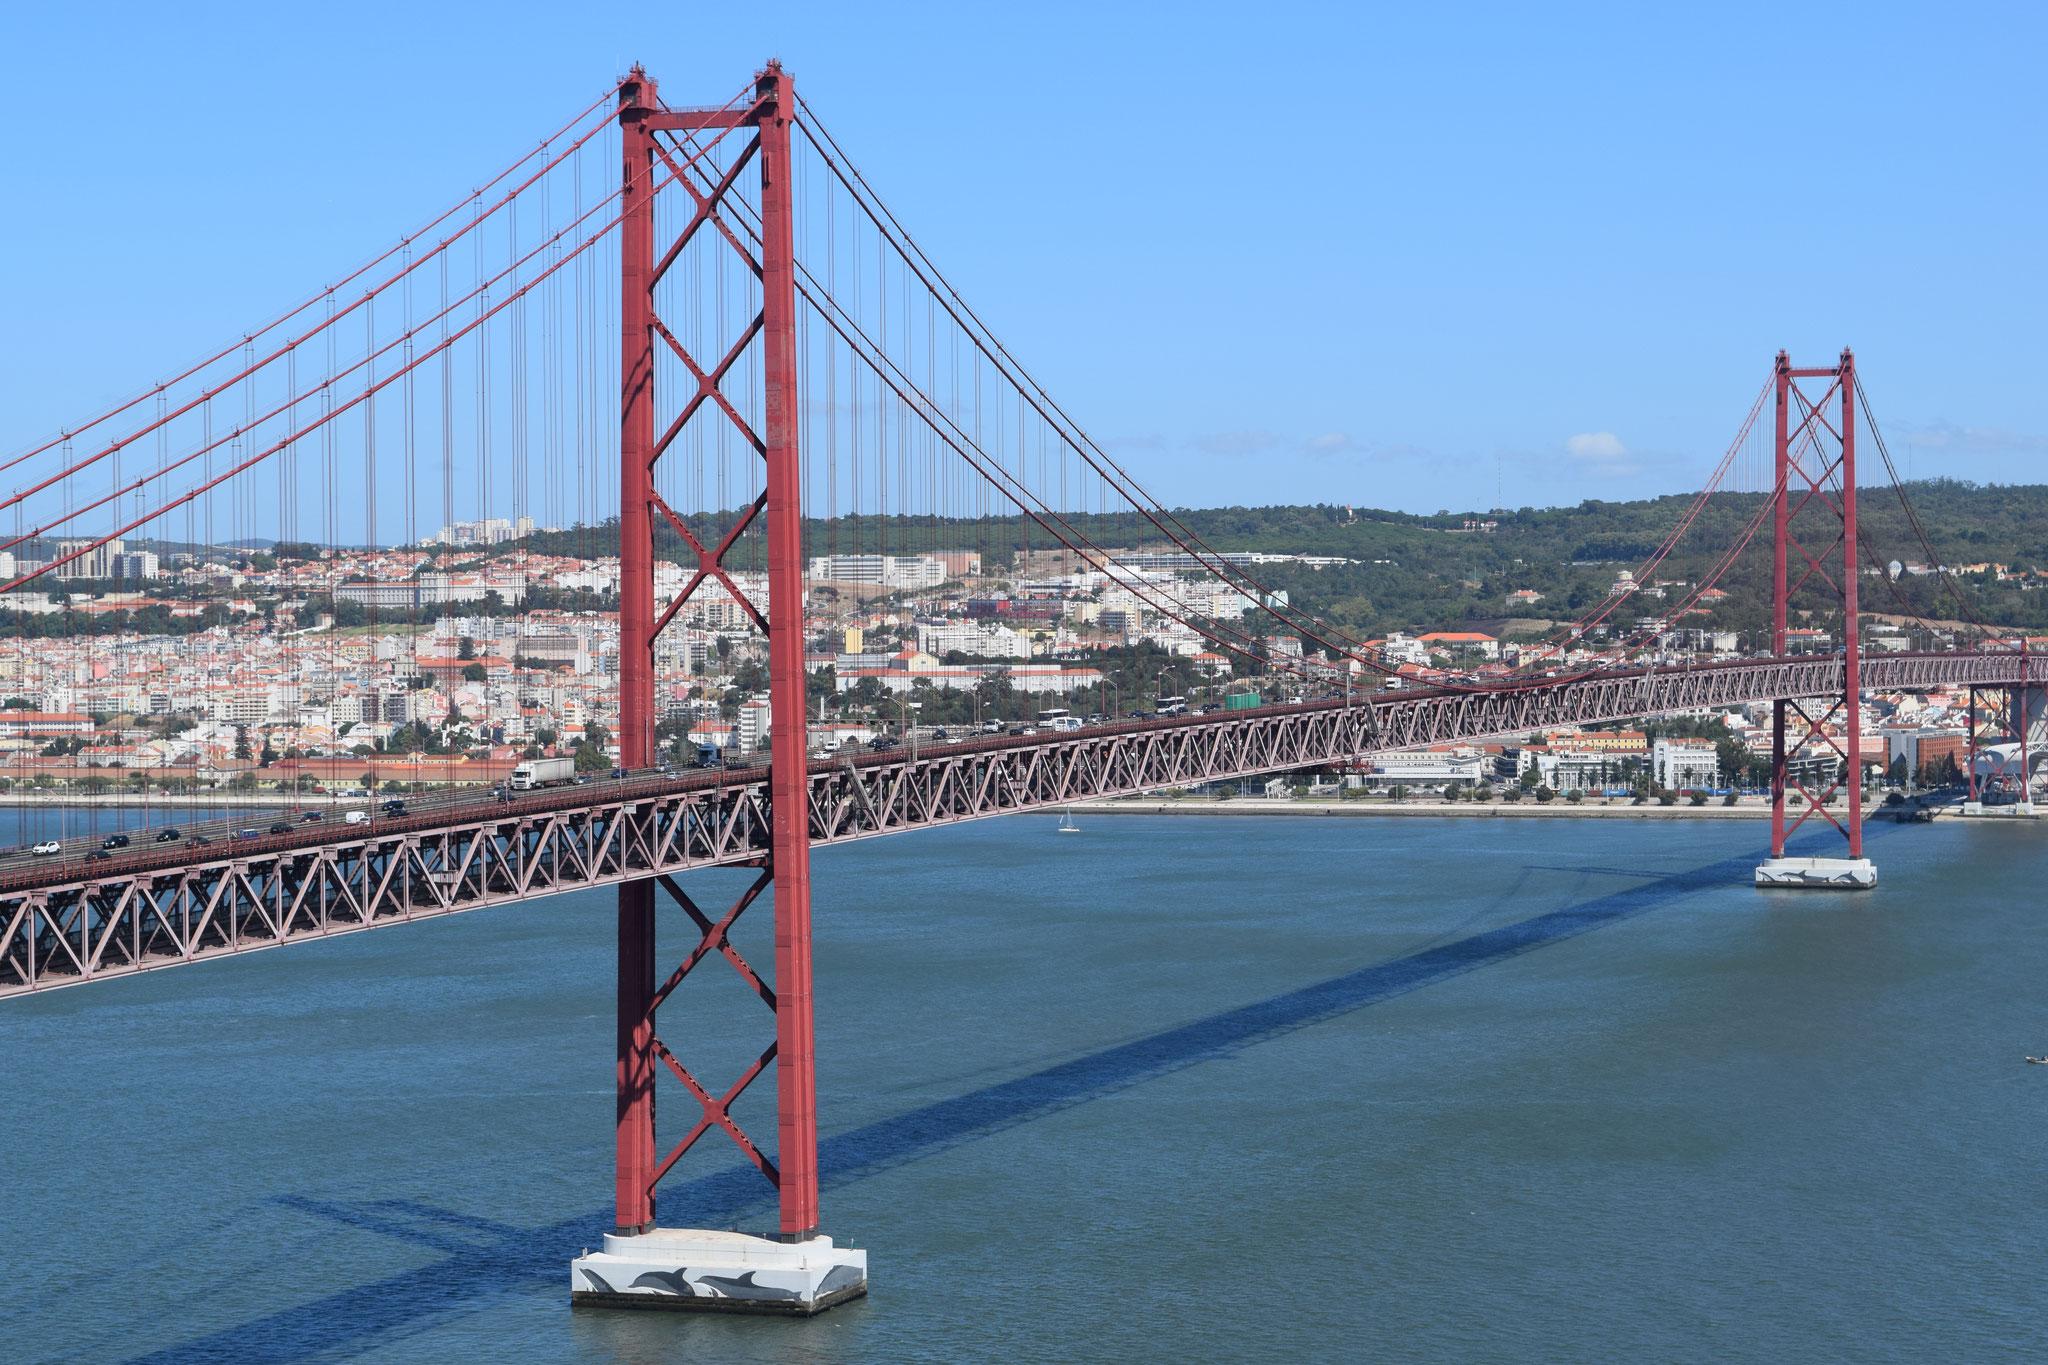 Meine Reiseempfehlungen für Lissabon in Portugal, wie die Ponte 25 de Abril.